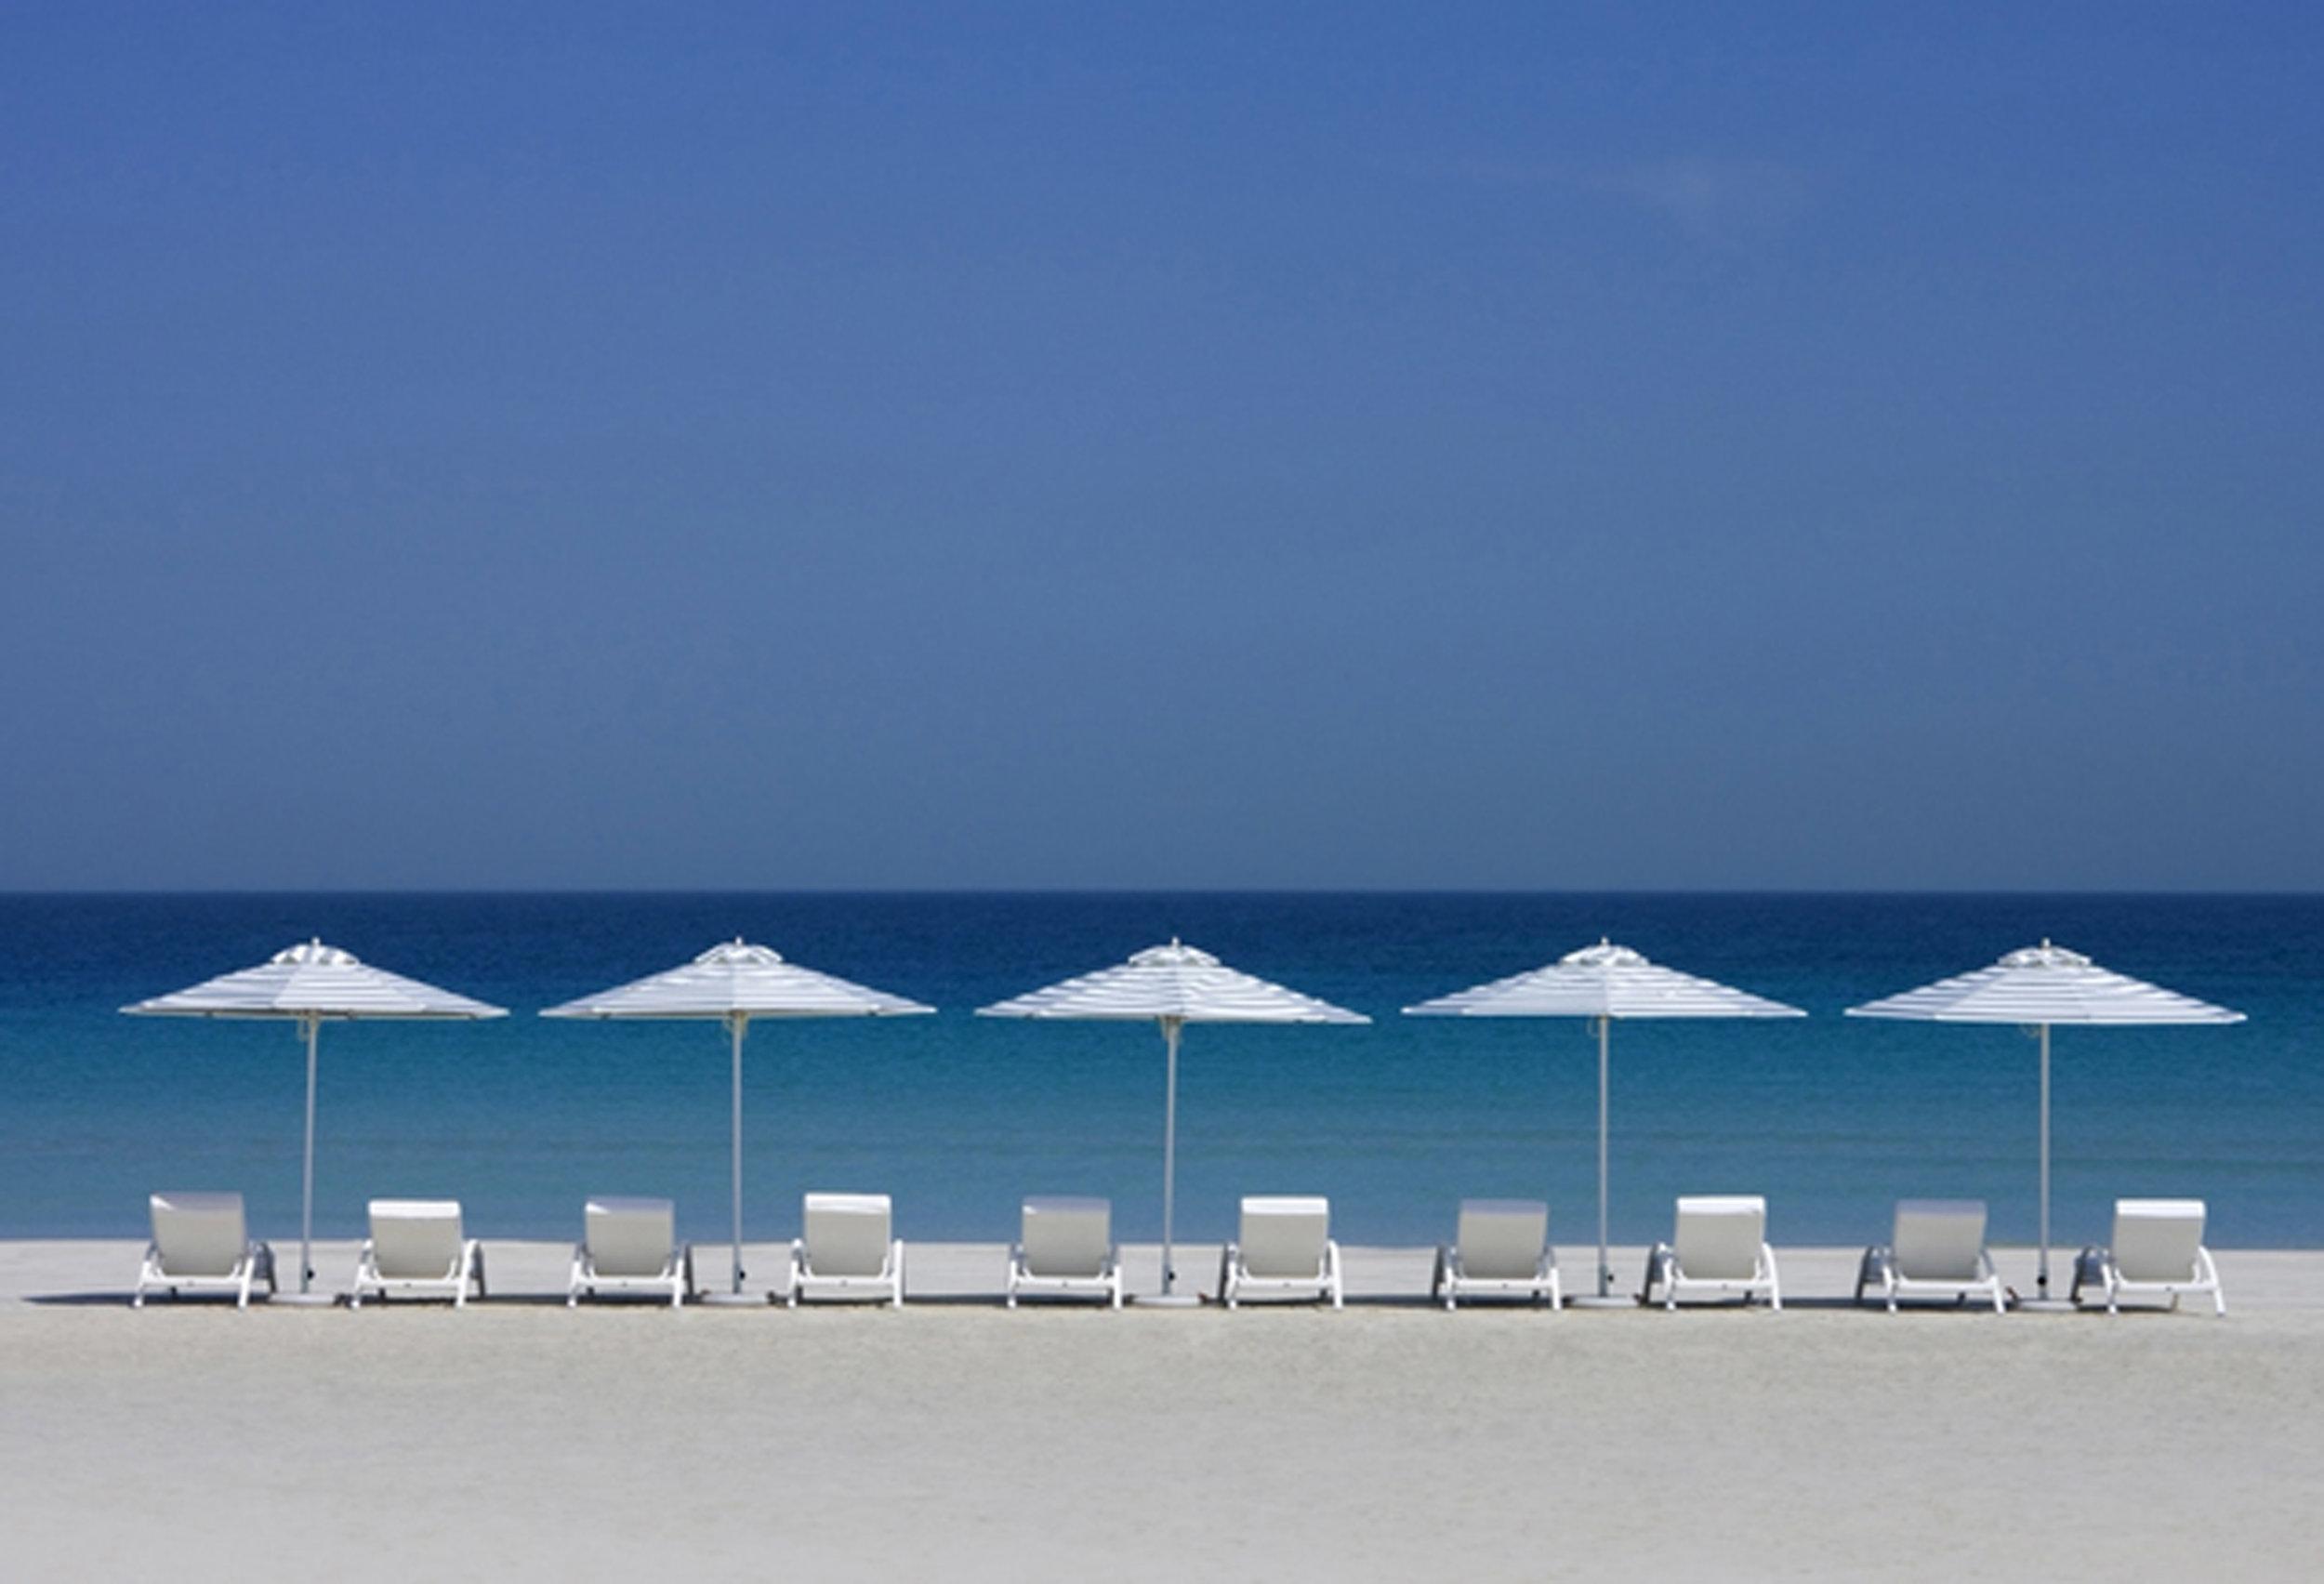 Saadiyat monte carlo beach club - Abu Dhabi, United Arab Emirates